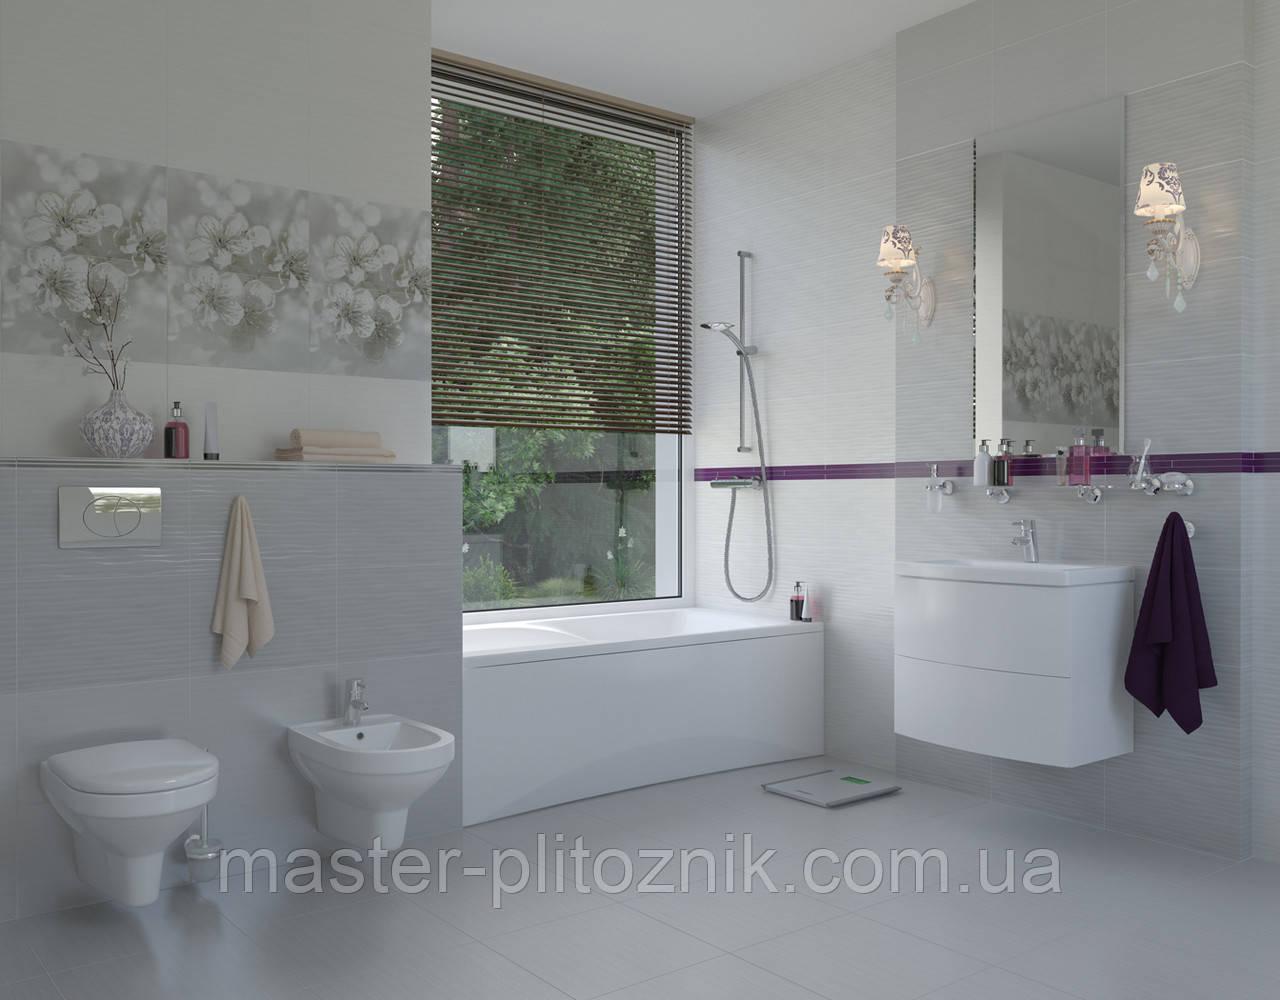 Плитка облицовочная для стен Mirta (мирта) Opozcno